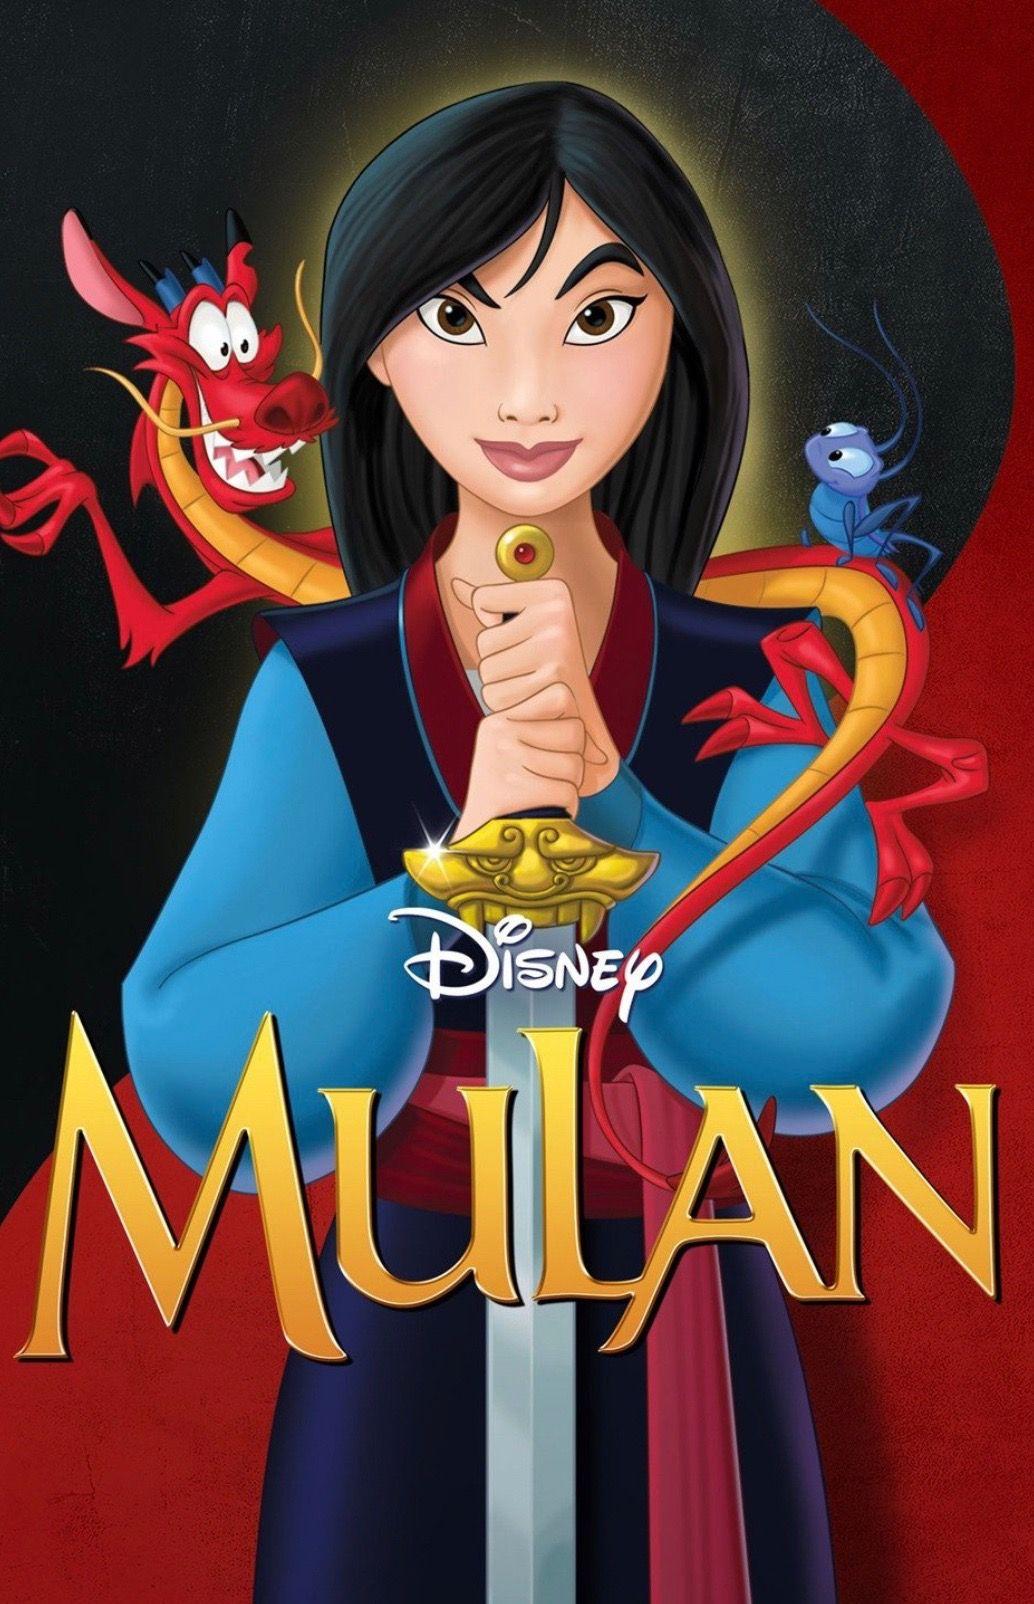 Mulan (1998) | Mulan, Películas completas, Ver películas